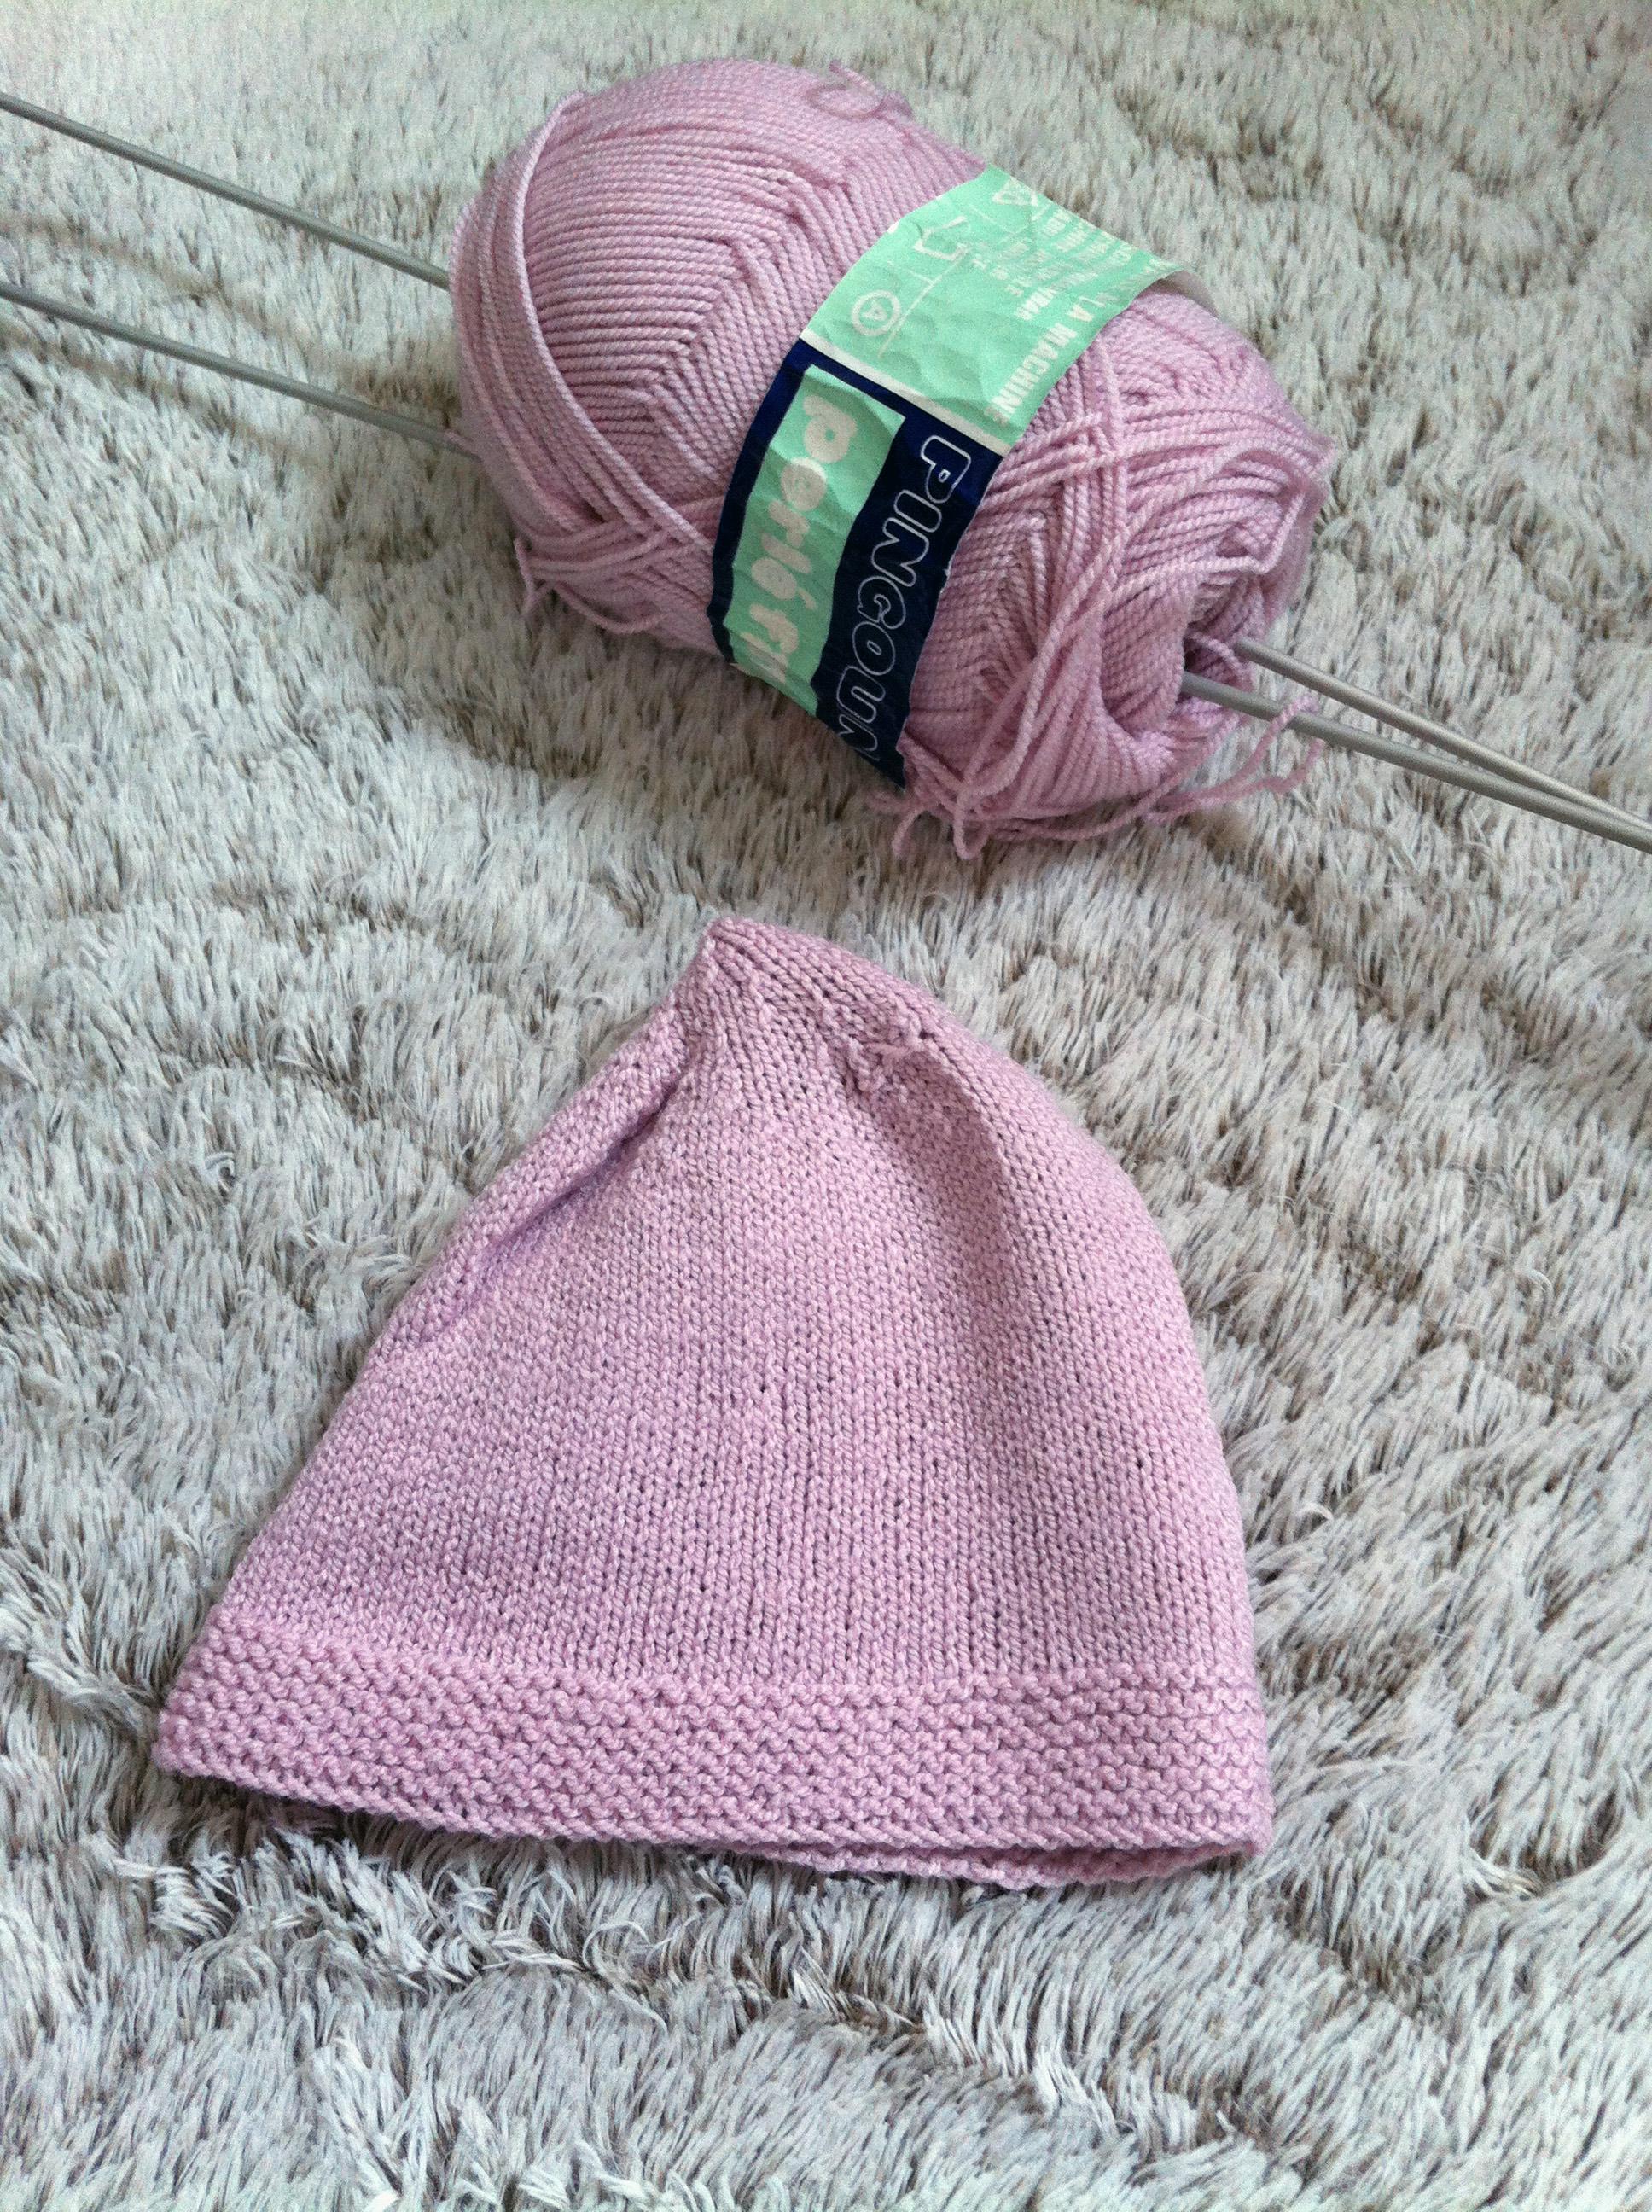 Tricot bonnet bébé facile tuto - Idées de tricot gratuit 92ad1f23002